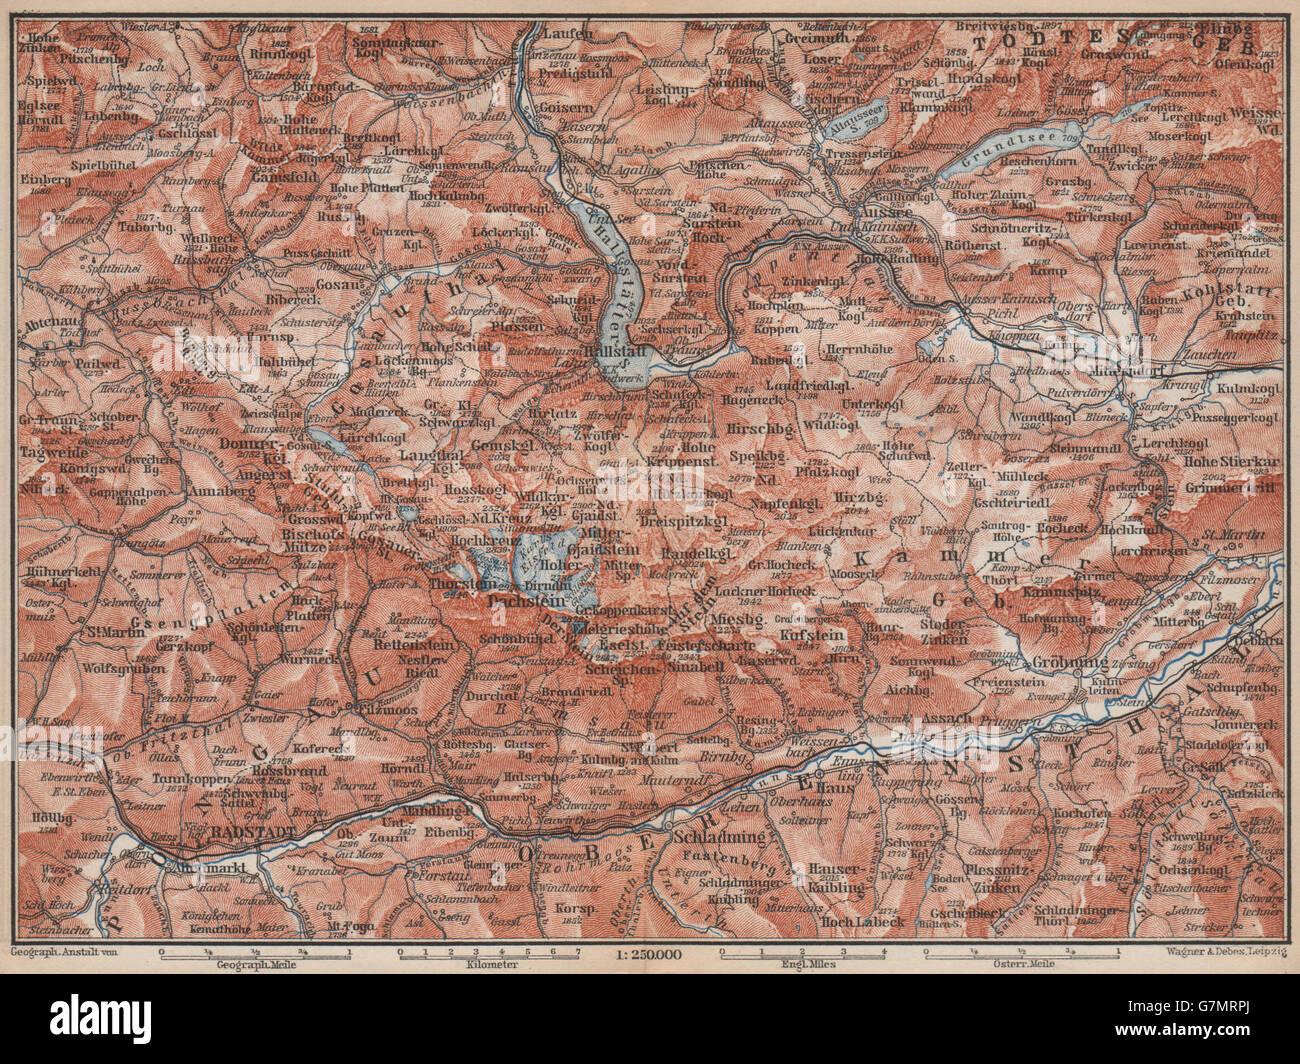 Dachstein Karte.Süd Salzkammergut Bad Aussee Dachstein Schladming Mitterndorf Karte